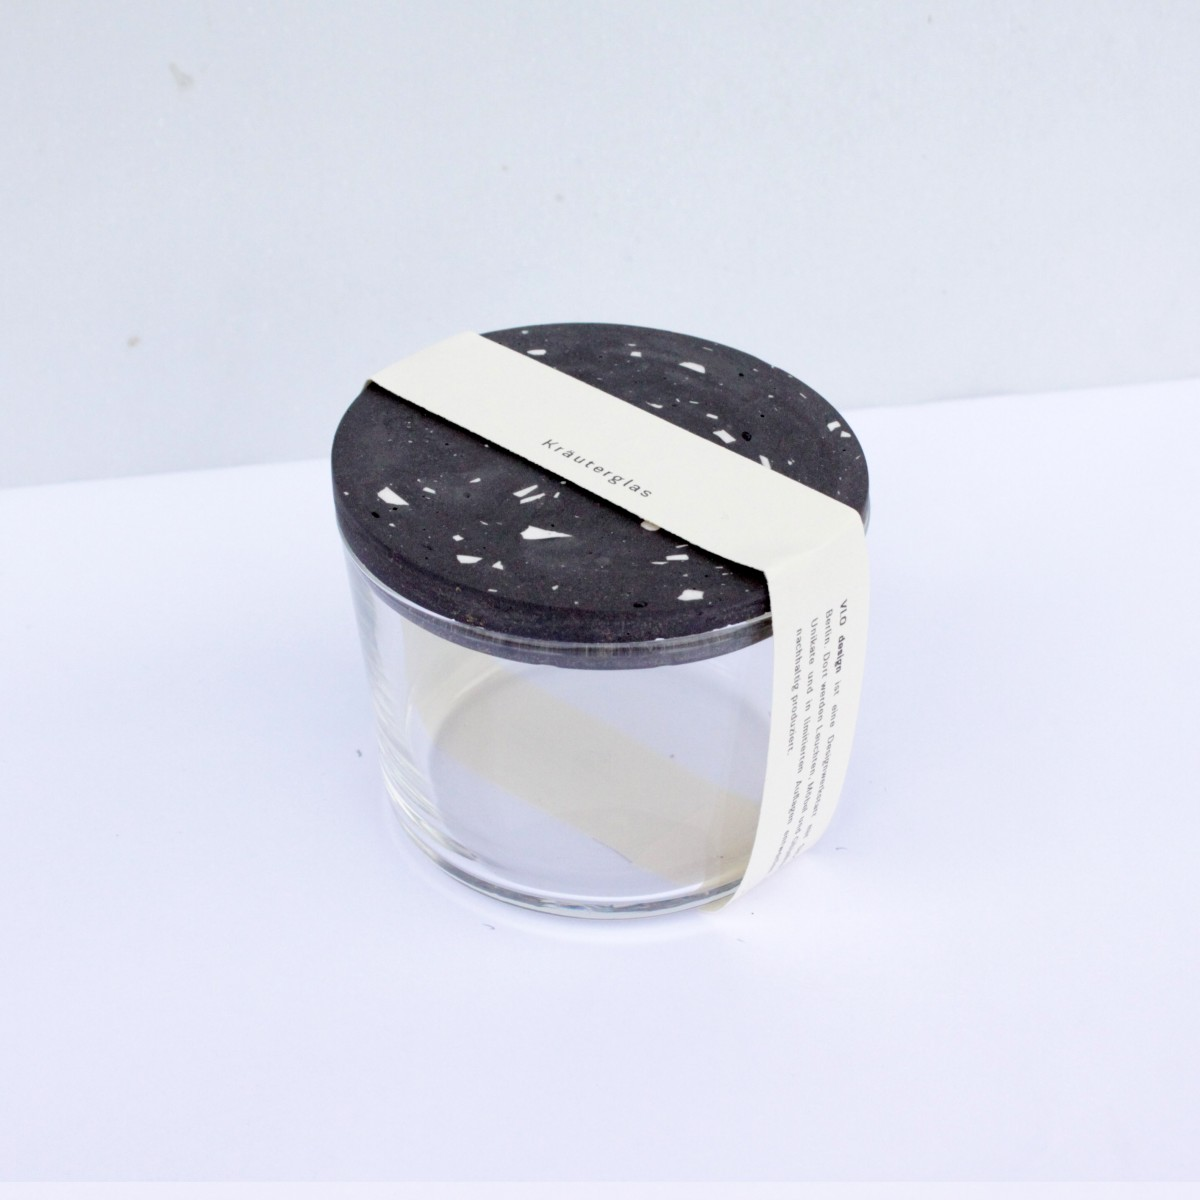 VLO design / Terrazzo Salz Glas mit schwarzem Deckel